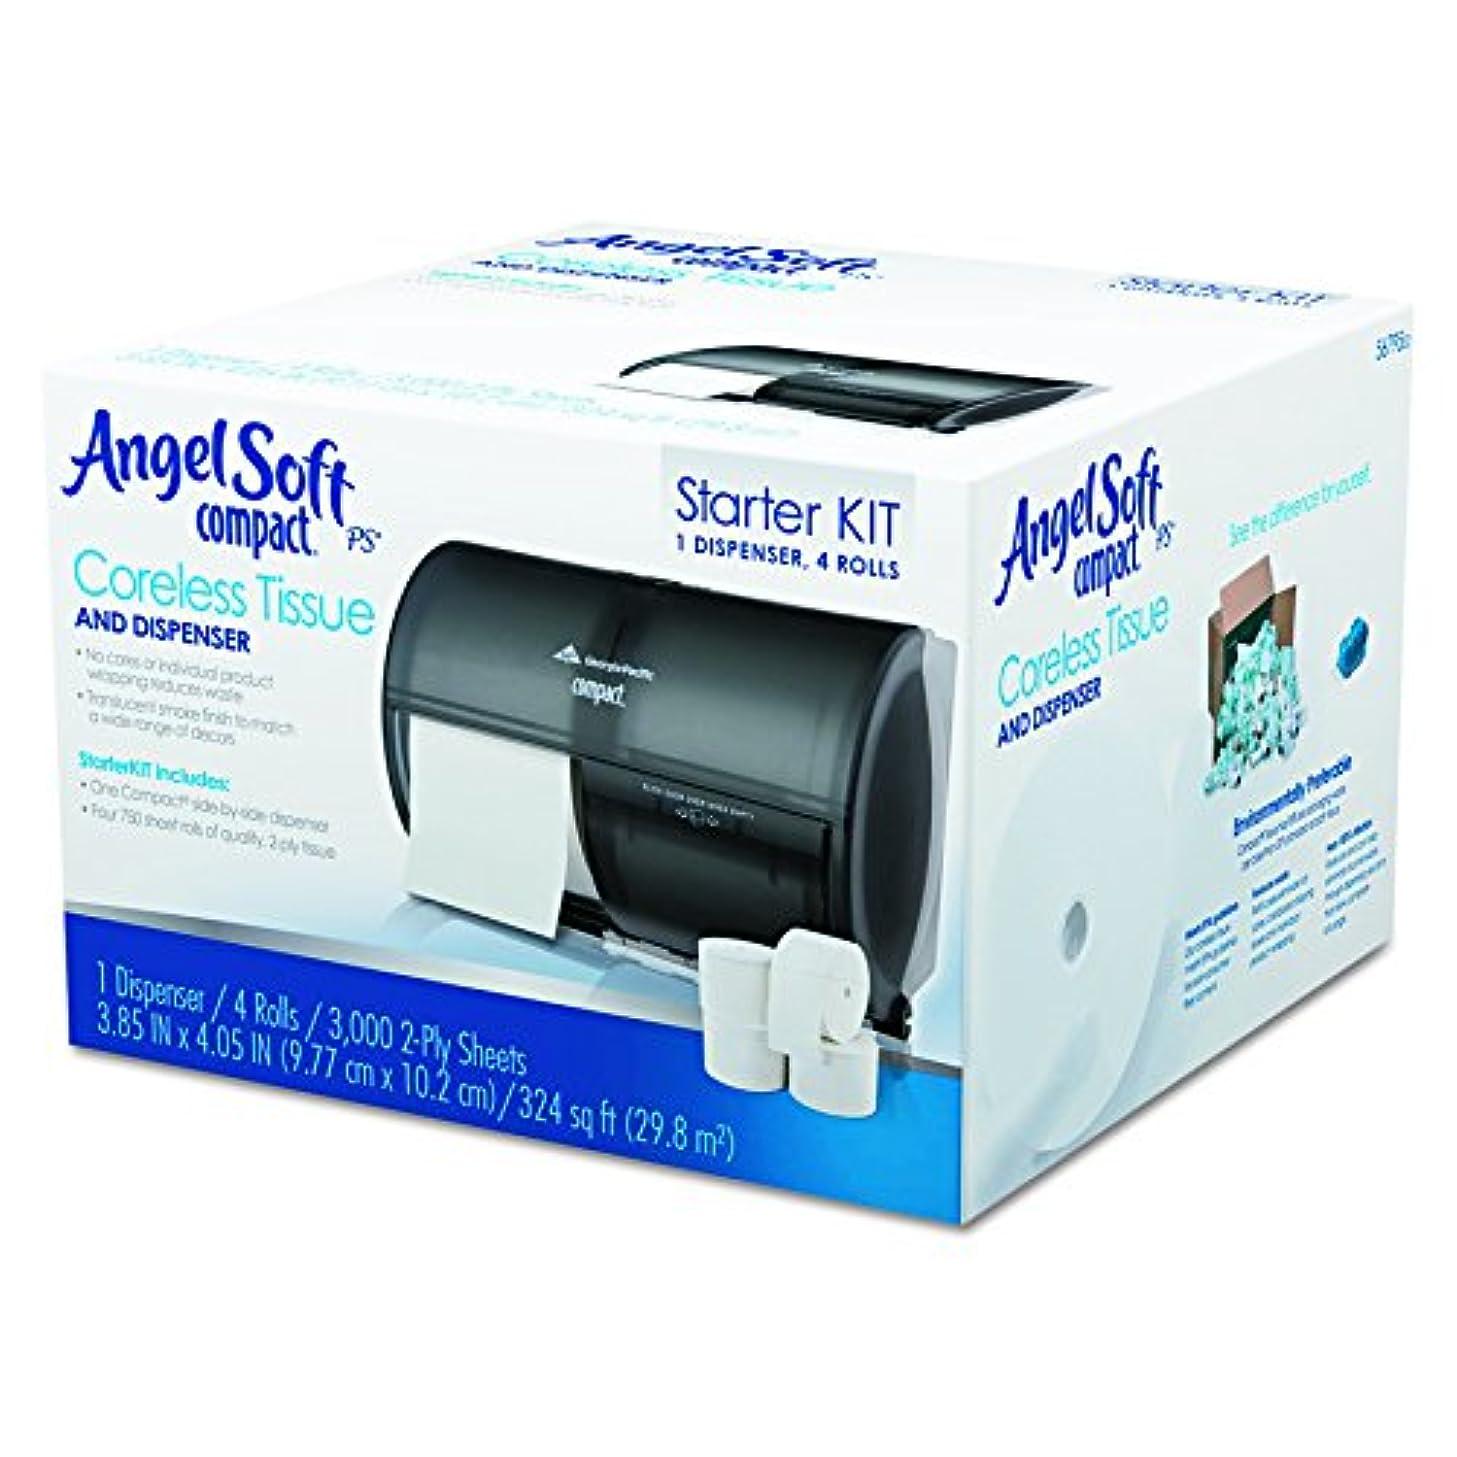 おじさん主人記念品Georgia Pacific 5679500 Tissue Dispenser and Angel Soft ps Tissue Start Kit, 4 750- Sheet Rolls